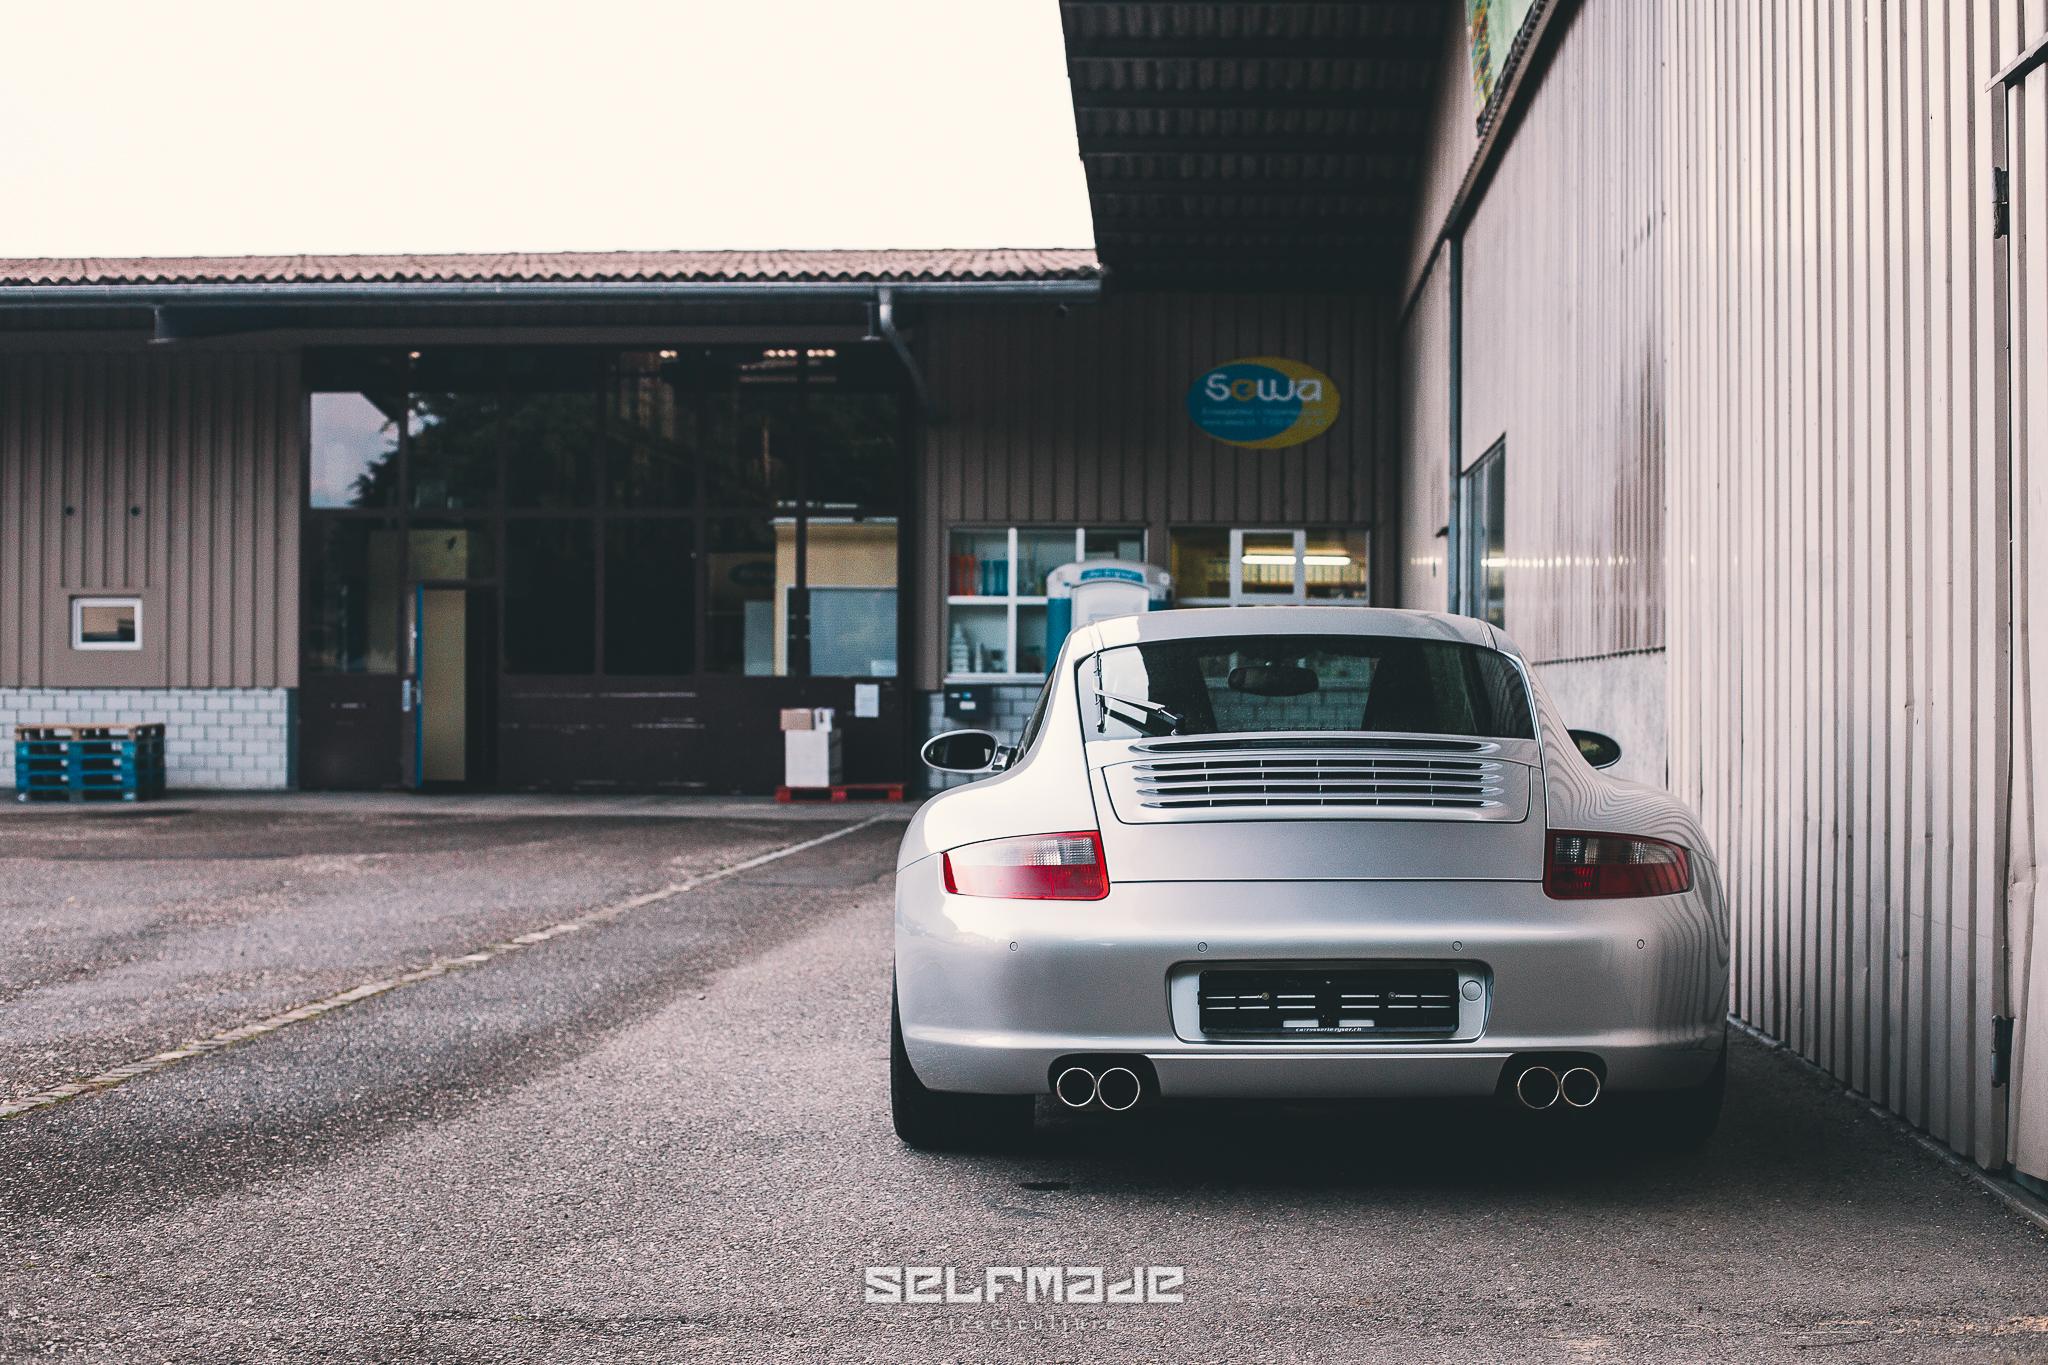 Porsche911_Selfmade (9).jpg